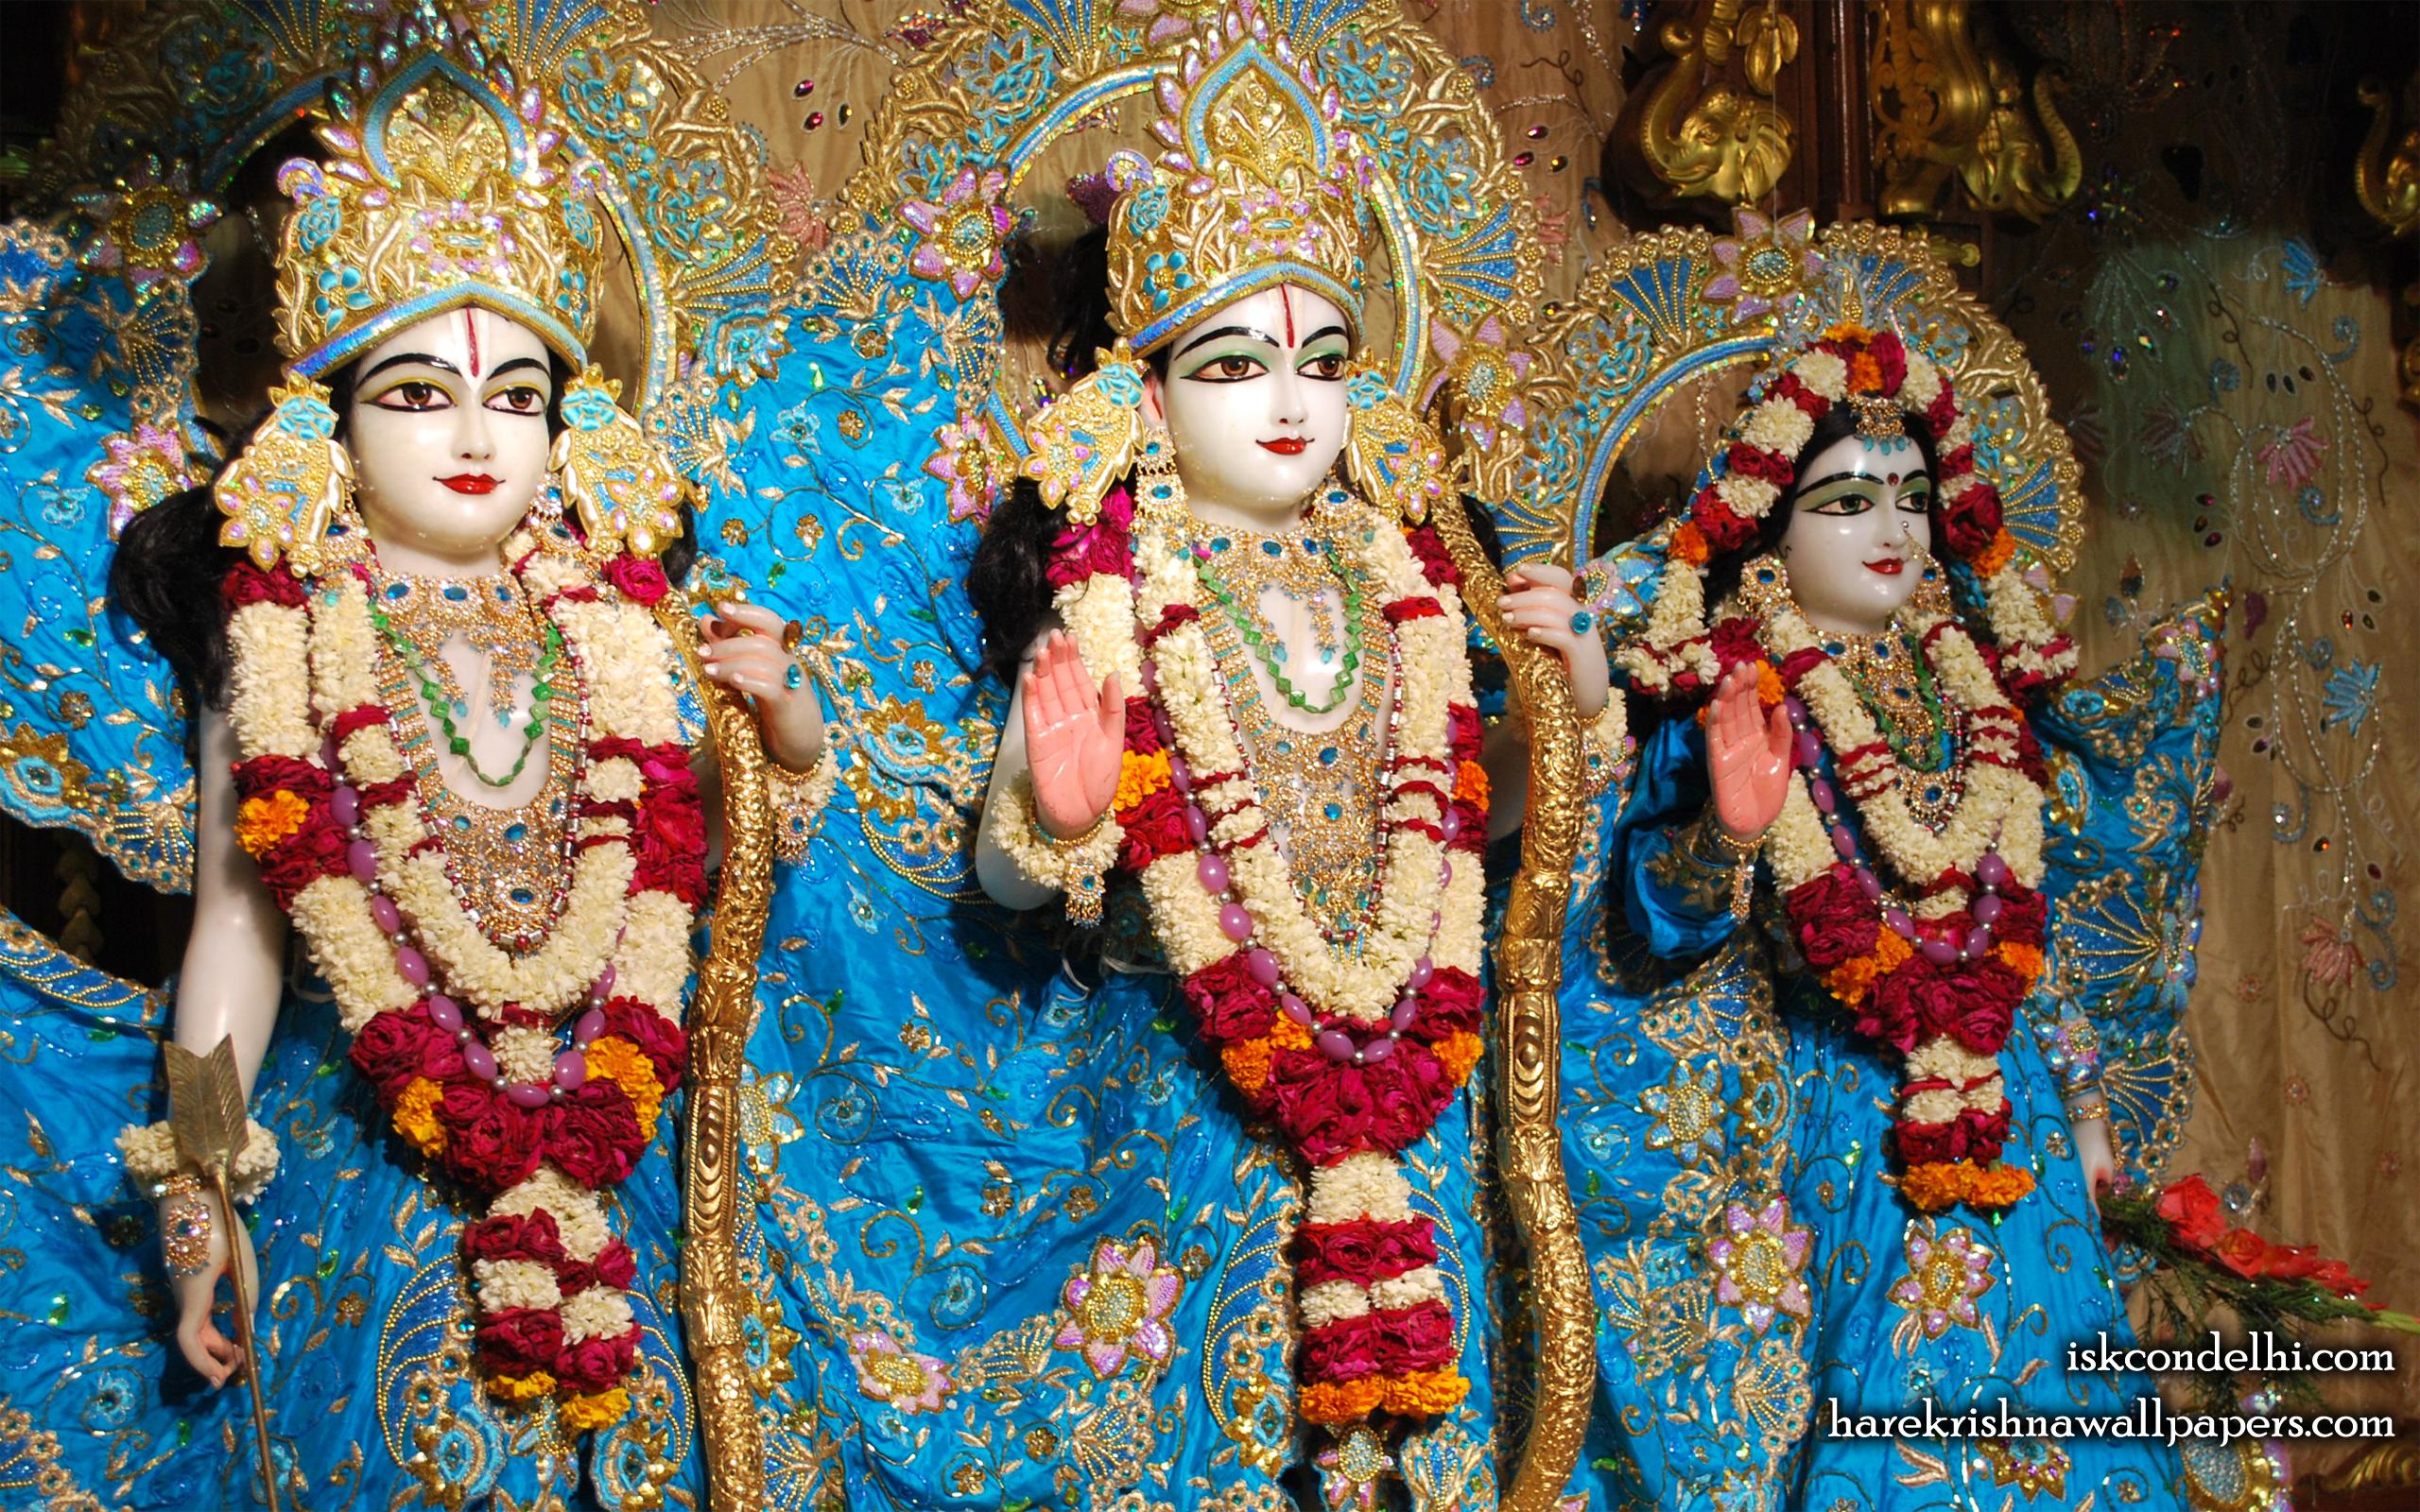 Sri Sri Sita Rama Laxman Wallpaper (009) Size 2560x1600 Download